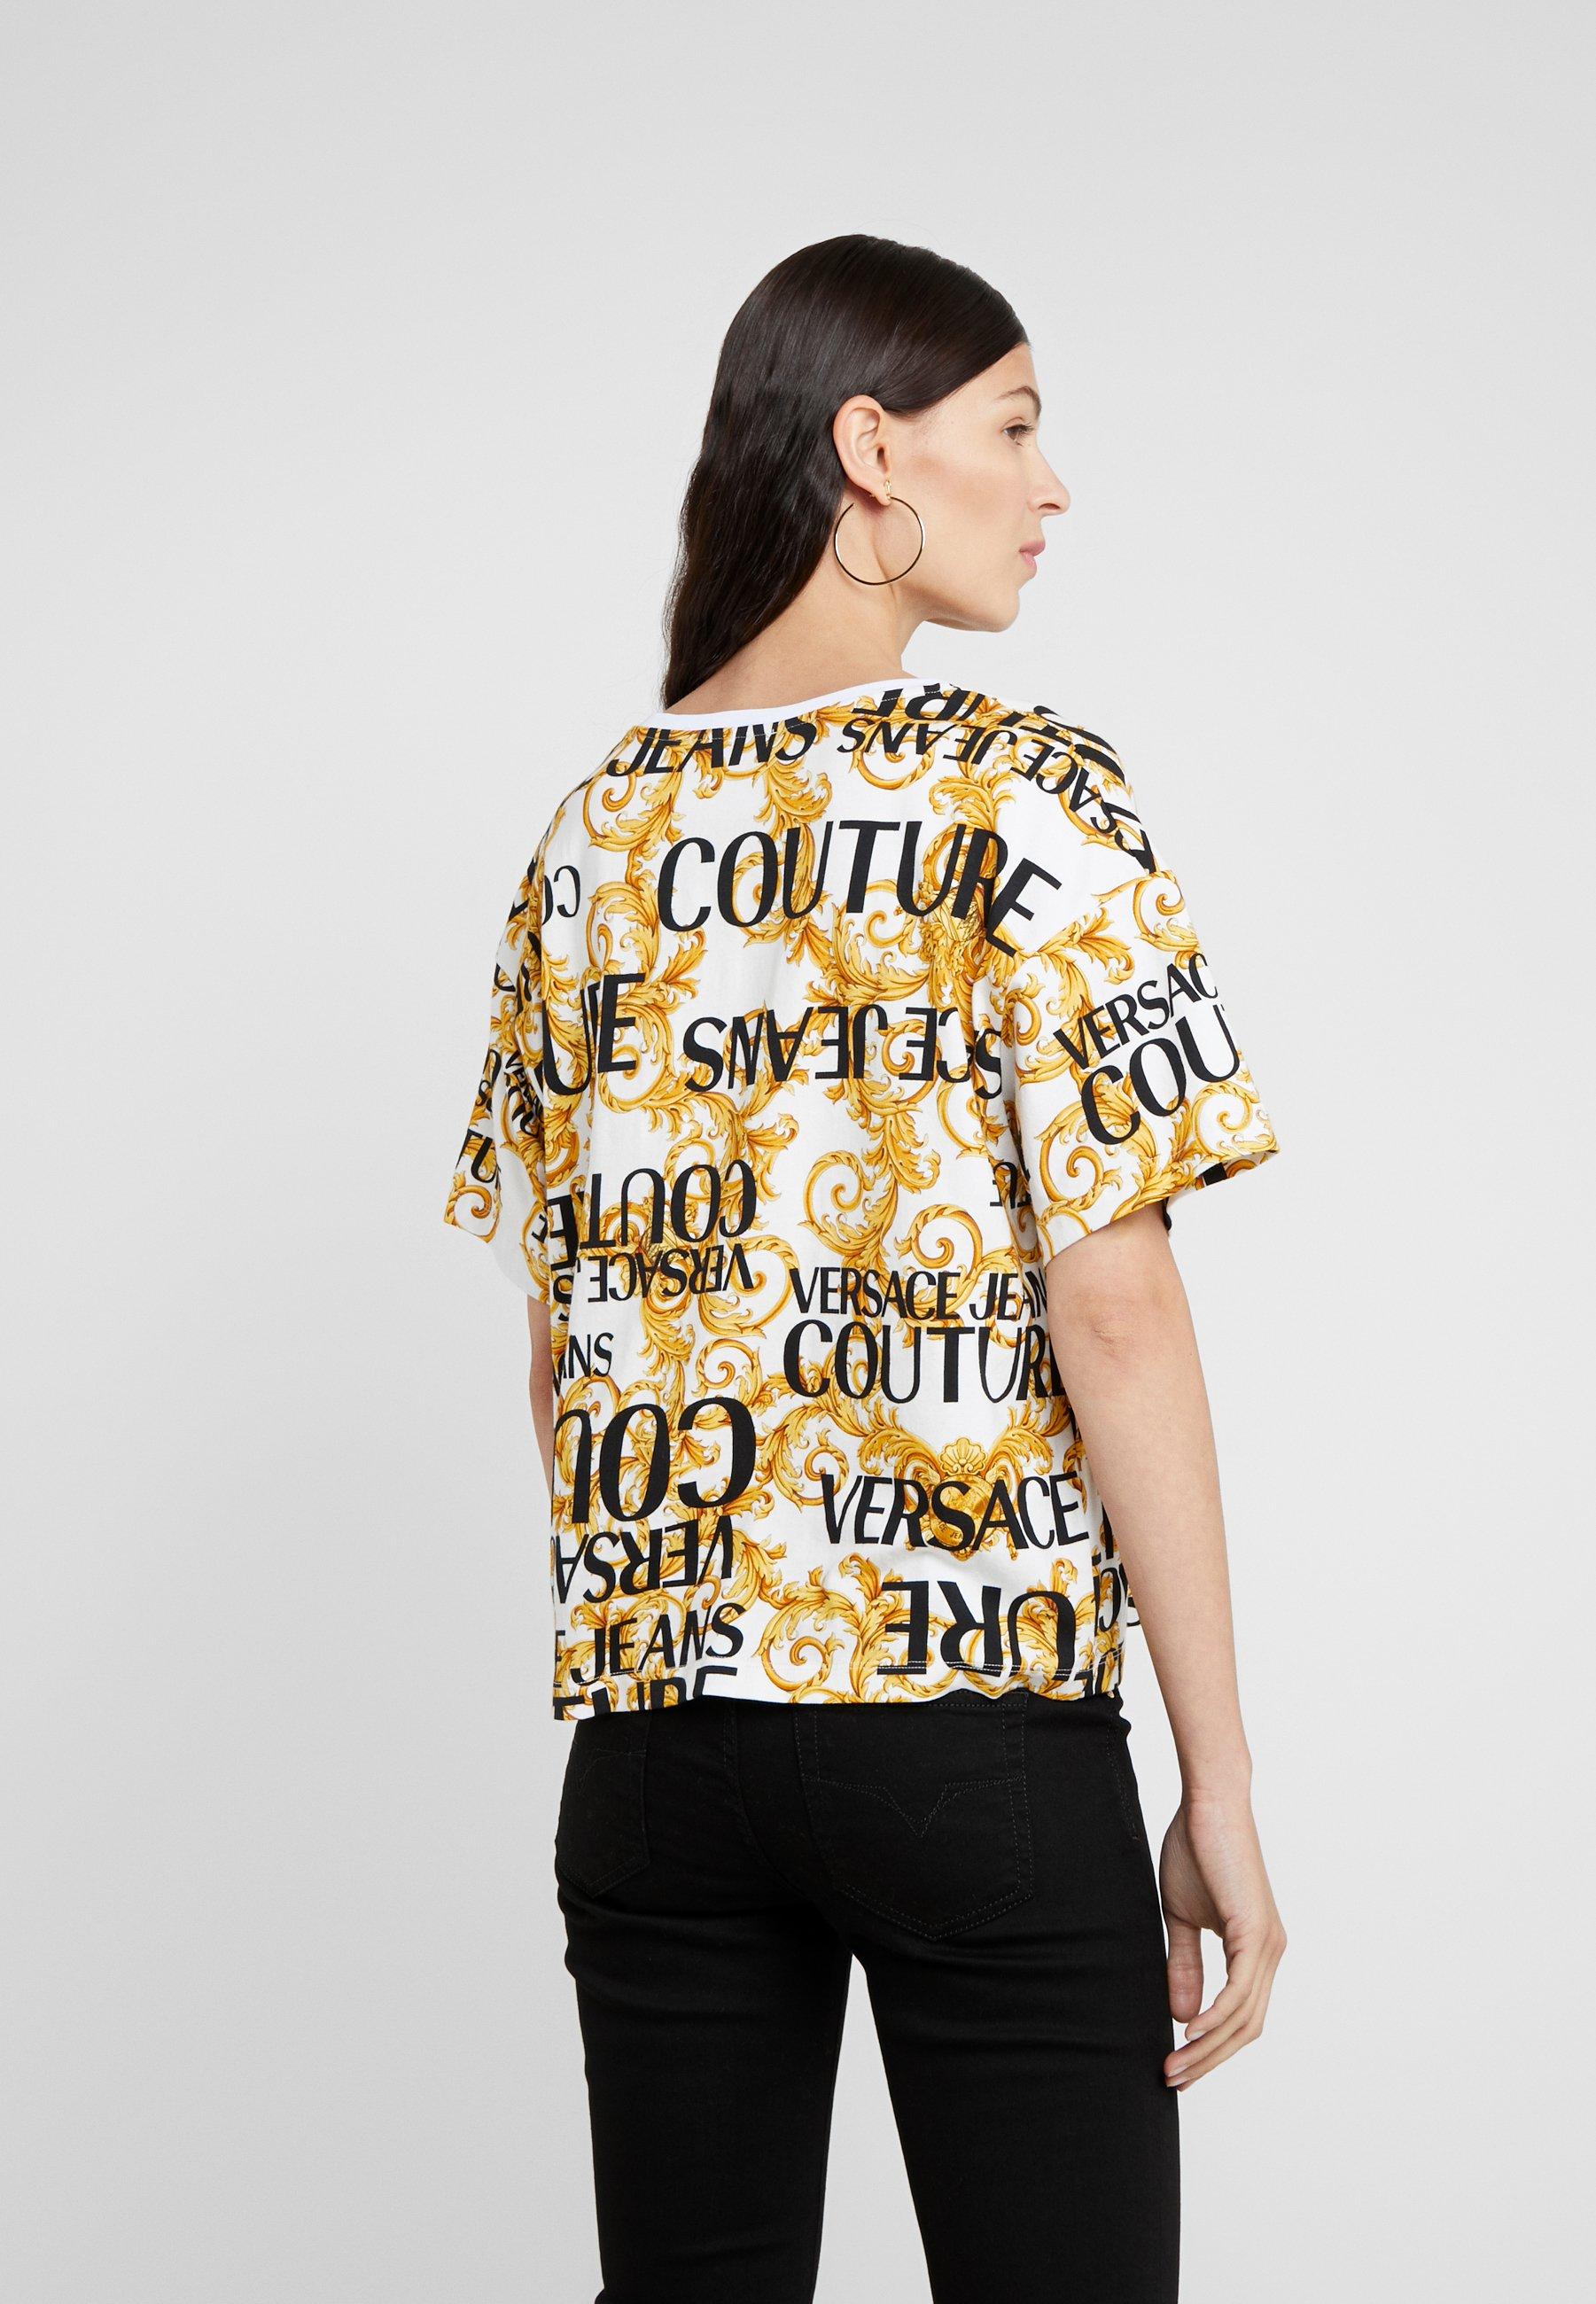 shirt Jeans Couture Versace T ImpriméBianco Ottico nmvN80wO